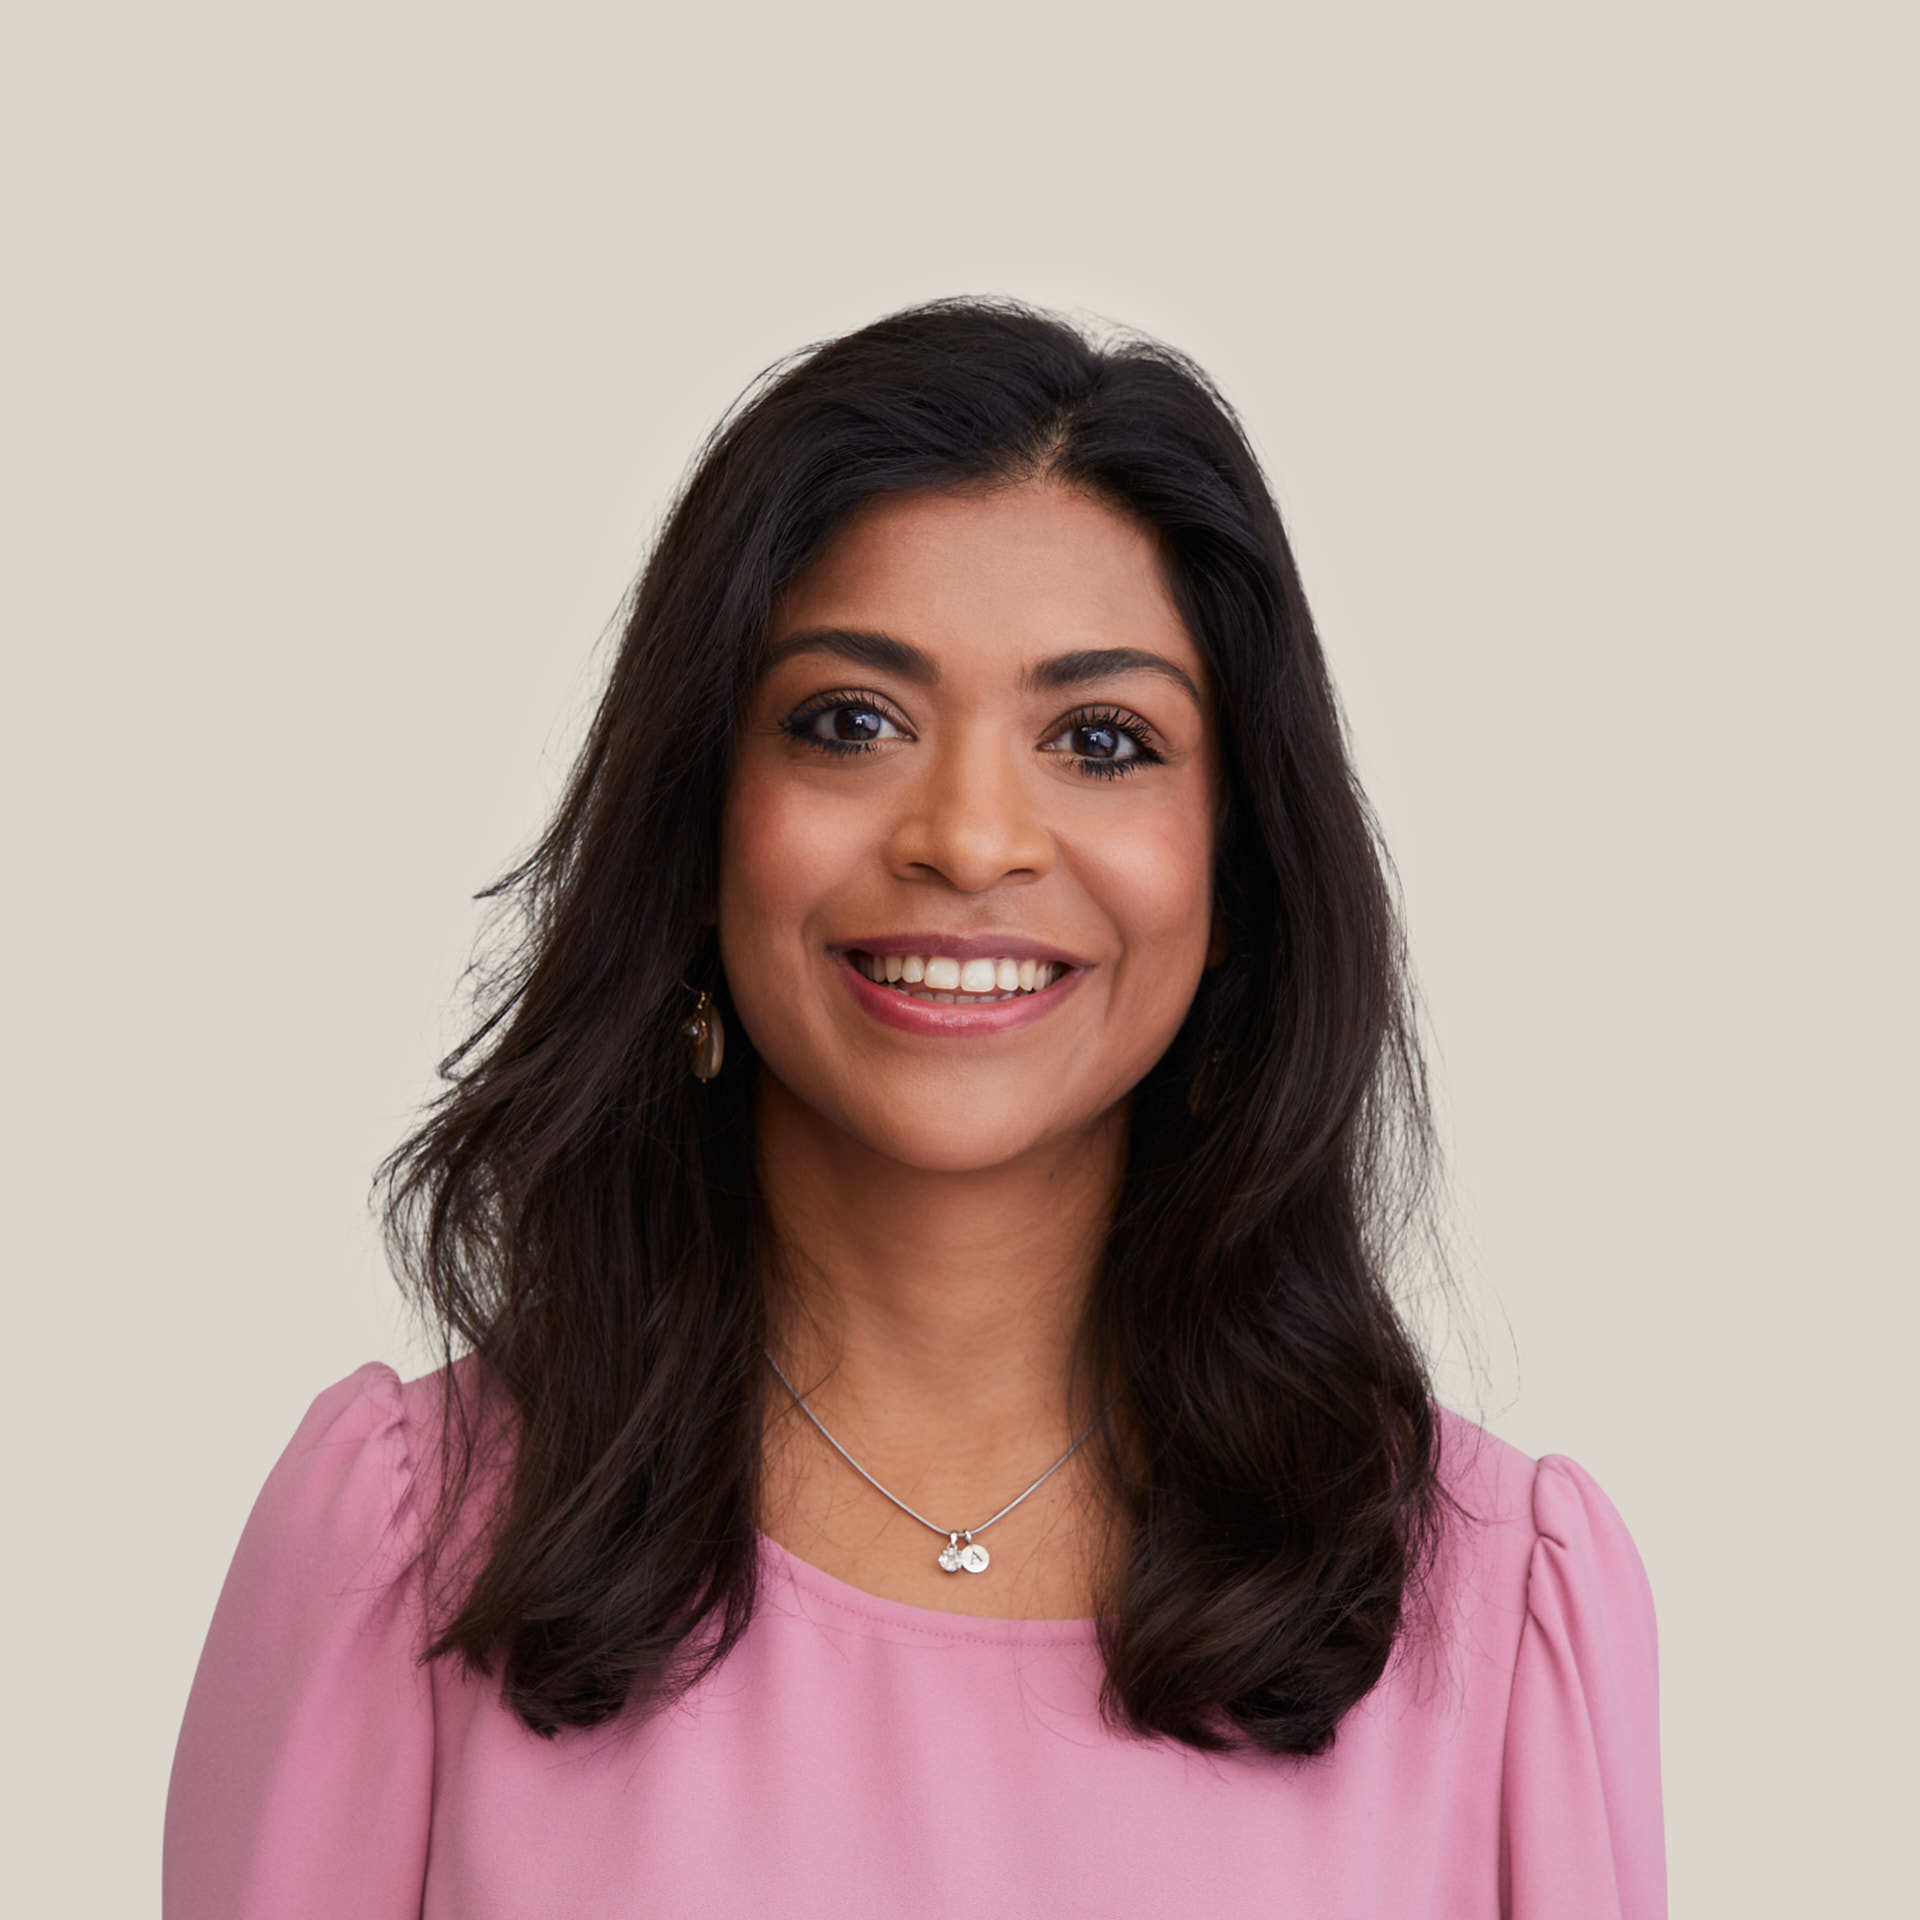 Alisha Autar